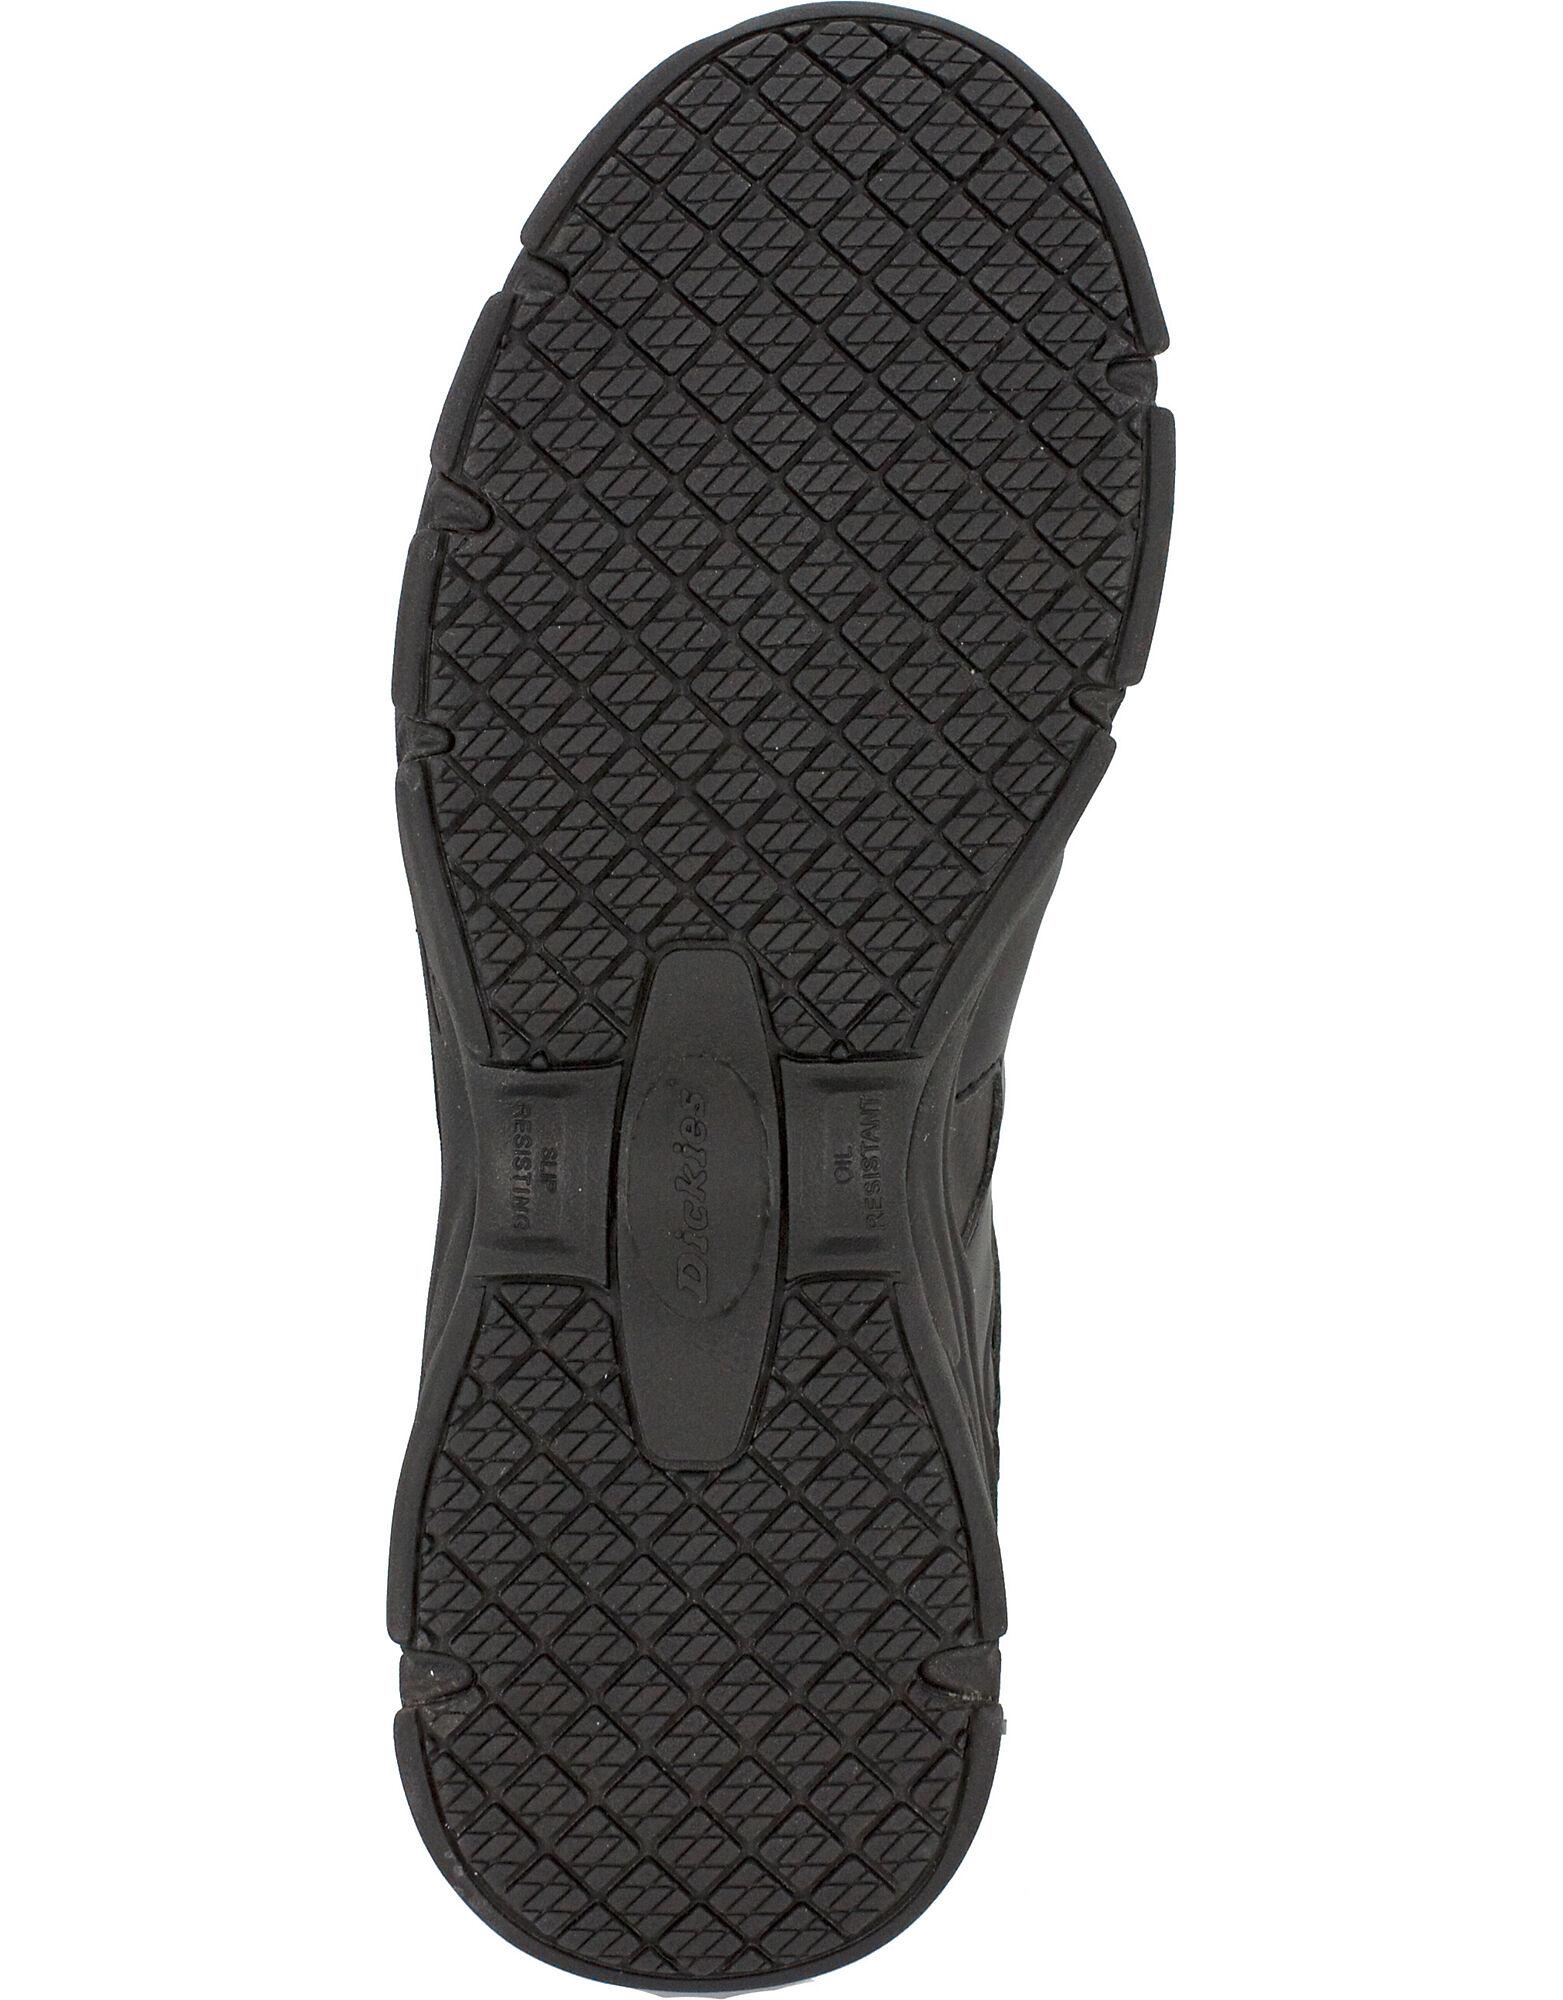 Skate shoes non slip -  Women 39 S Slip Resisting Athletic Skate Work Shoes Black 40